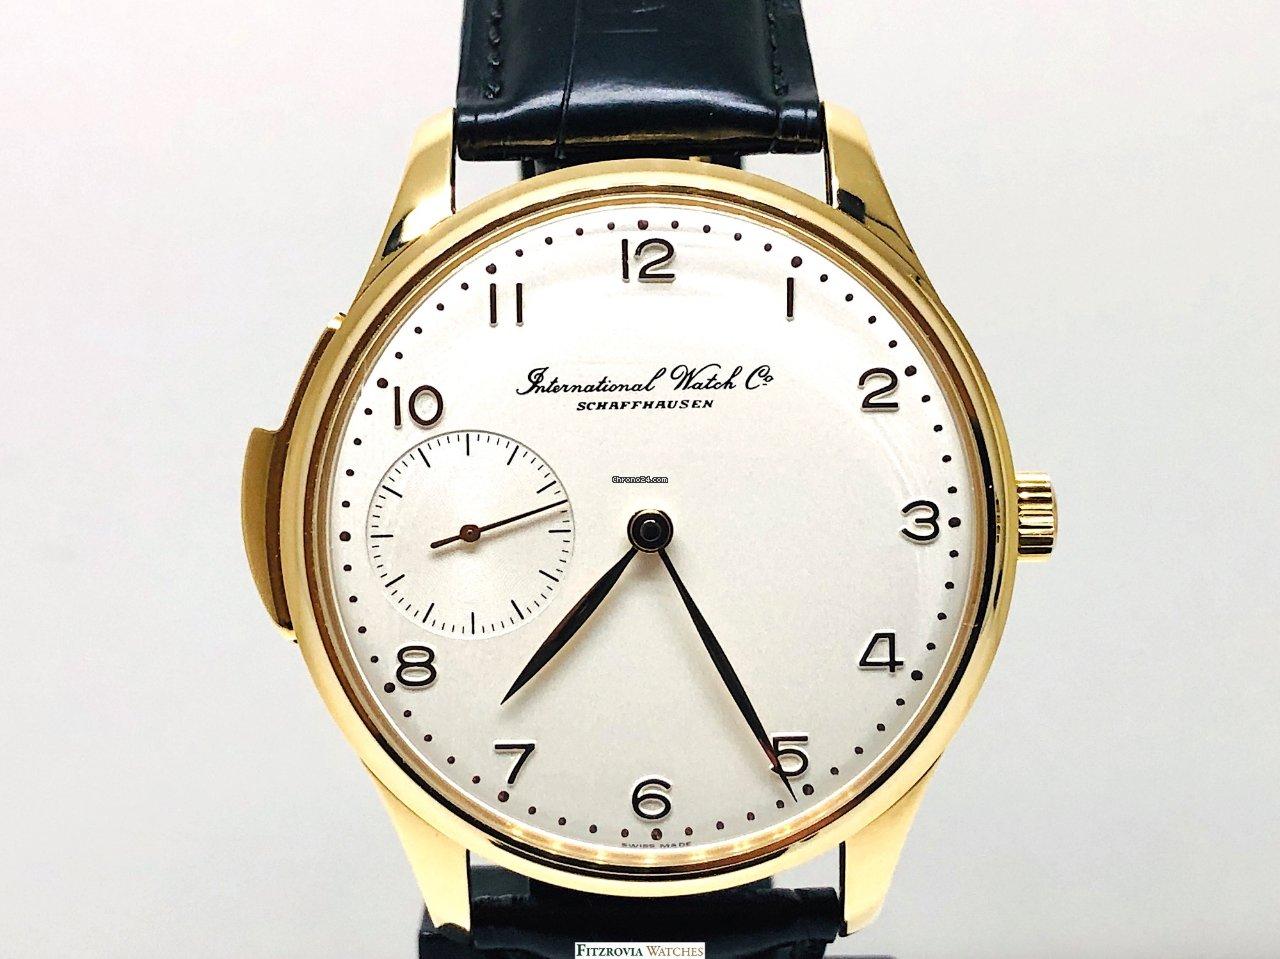 32600ec57 Used IWC Watches | Chrono24.co.uk